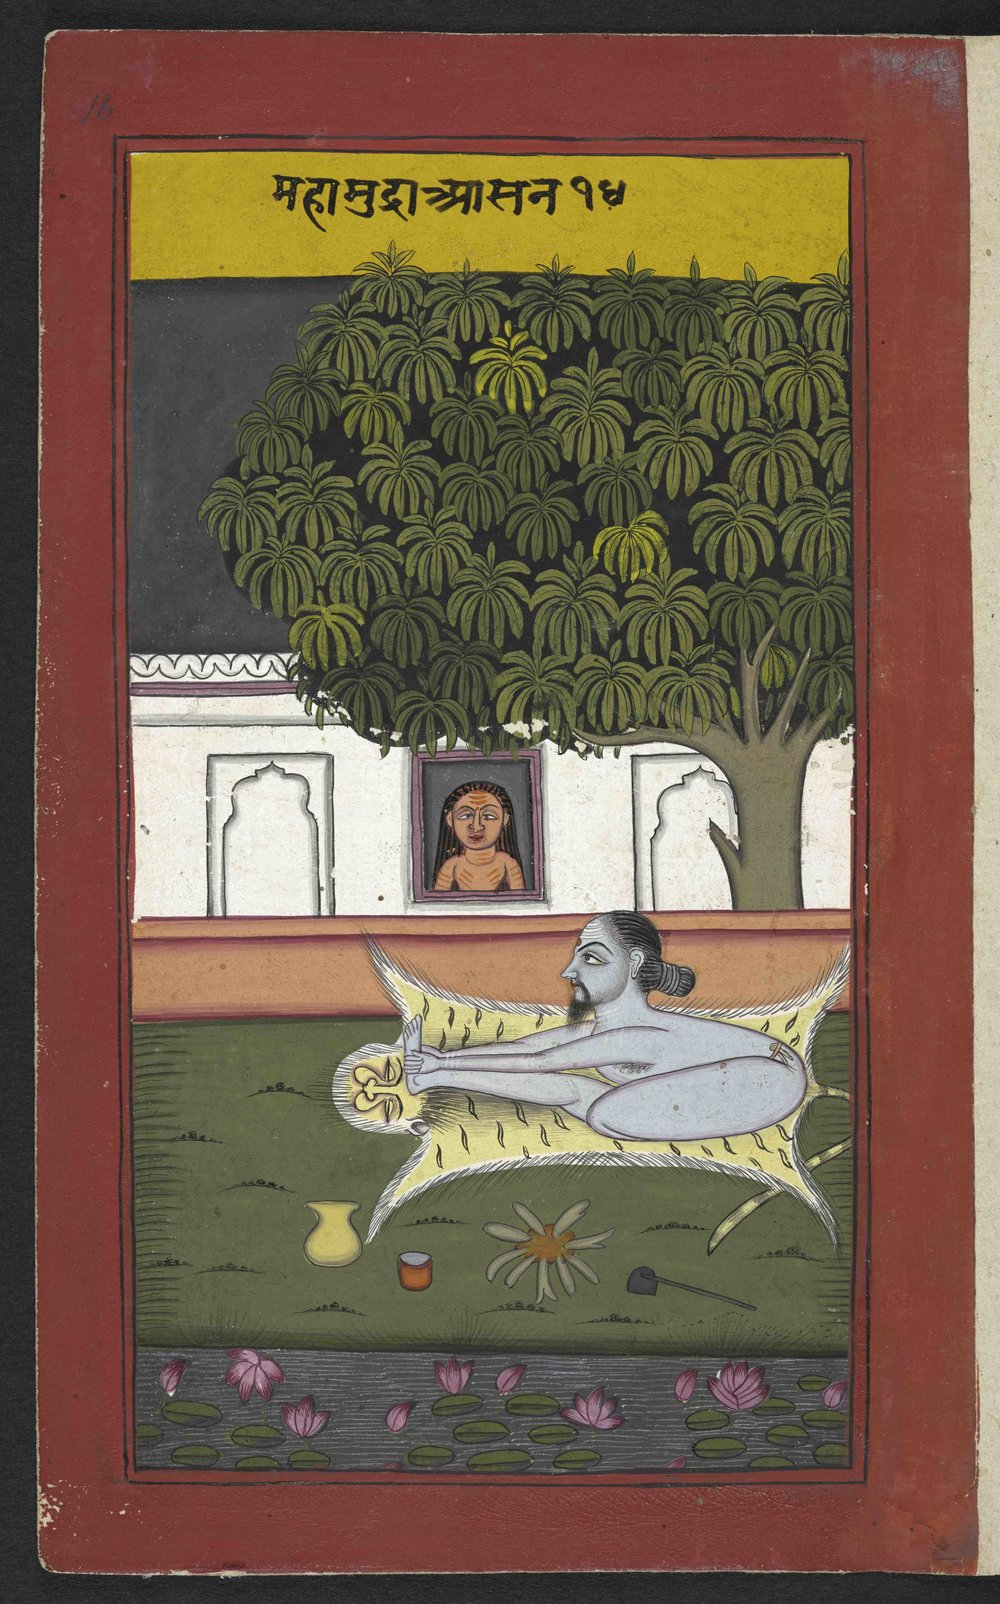 The mahāmudrā from the Jogpradīpakā